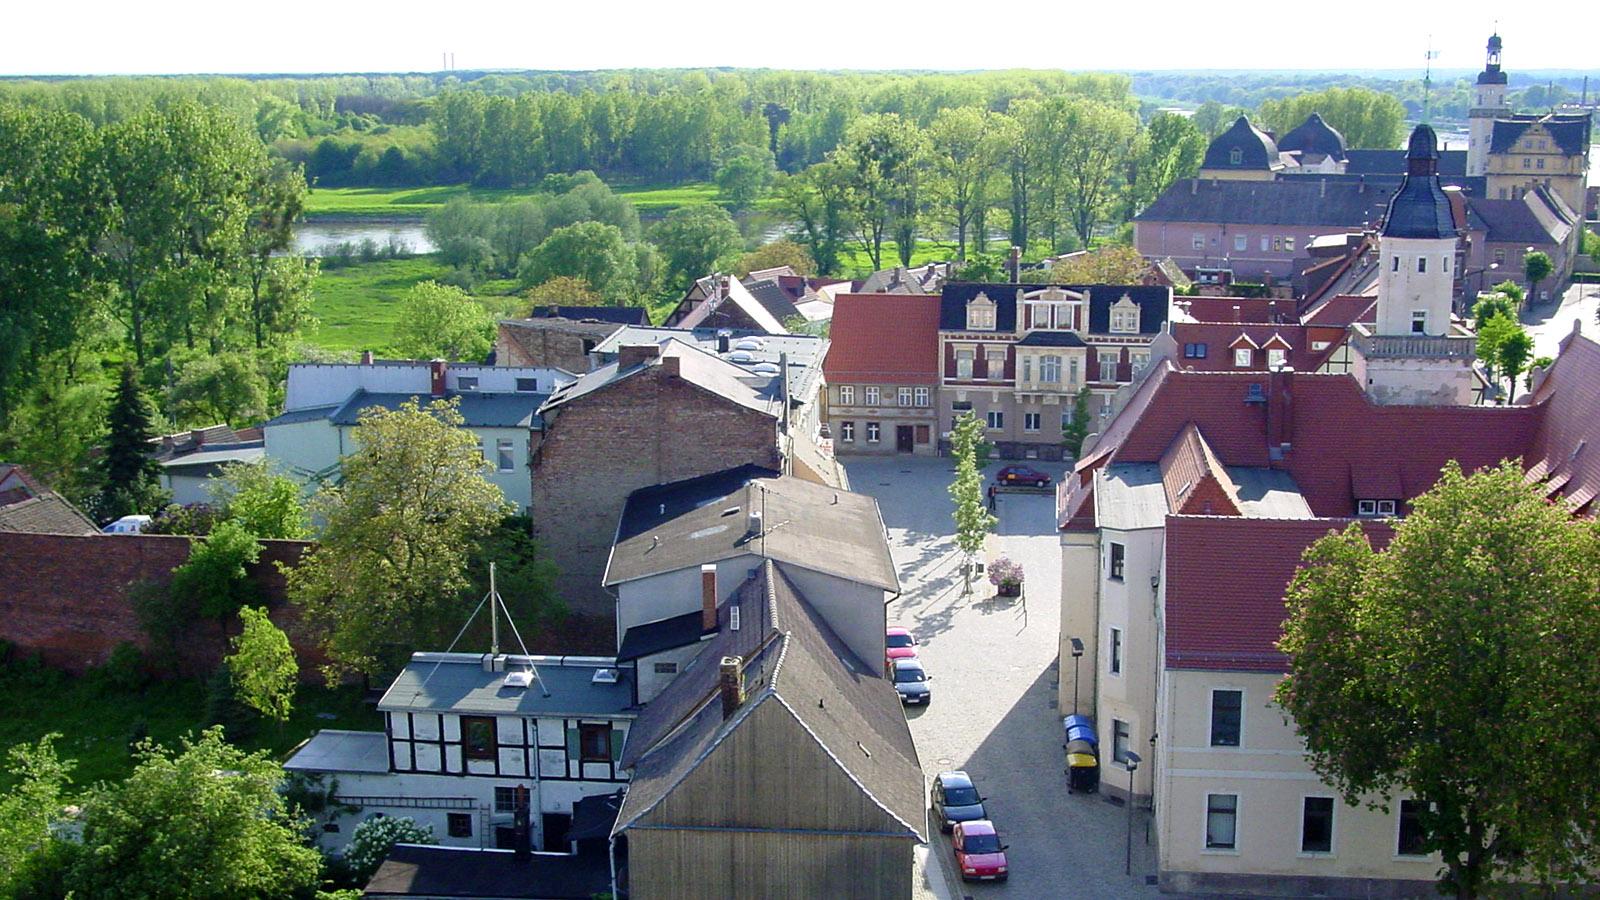 Blaues Band, Blick von der Pfarrkirche St. Nicolai auf den Markt und die Oberfischerei von Coswig. Foto: Hilke Maunder